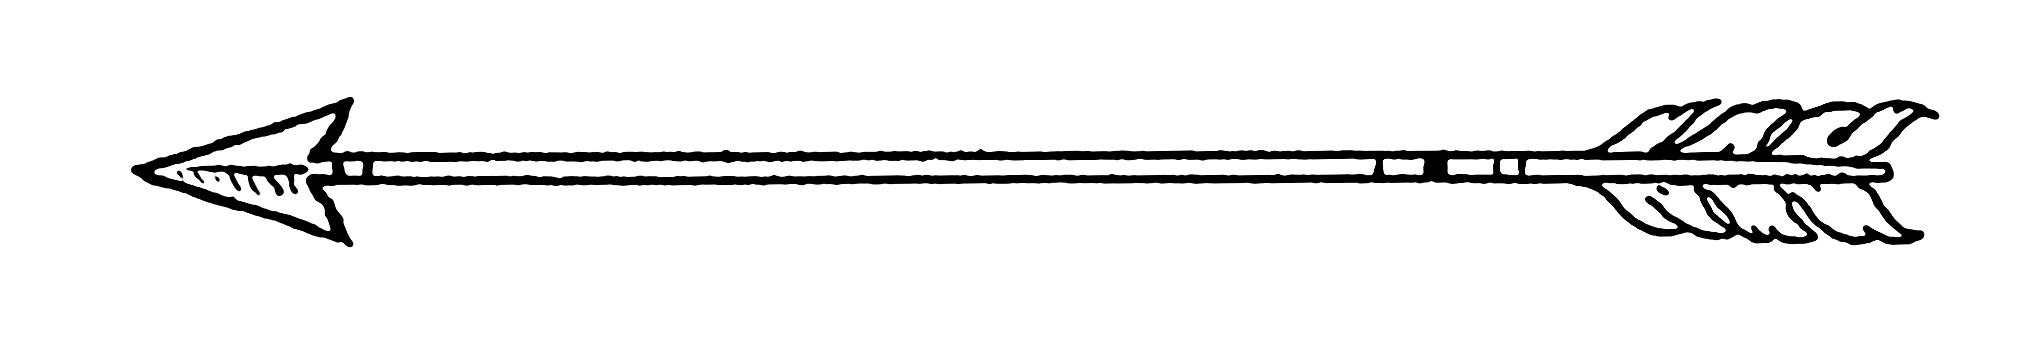 Line Art Arrow : Philosophico scientific adventures by bryan w roberts